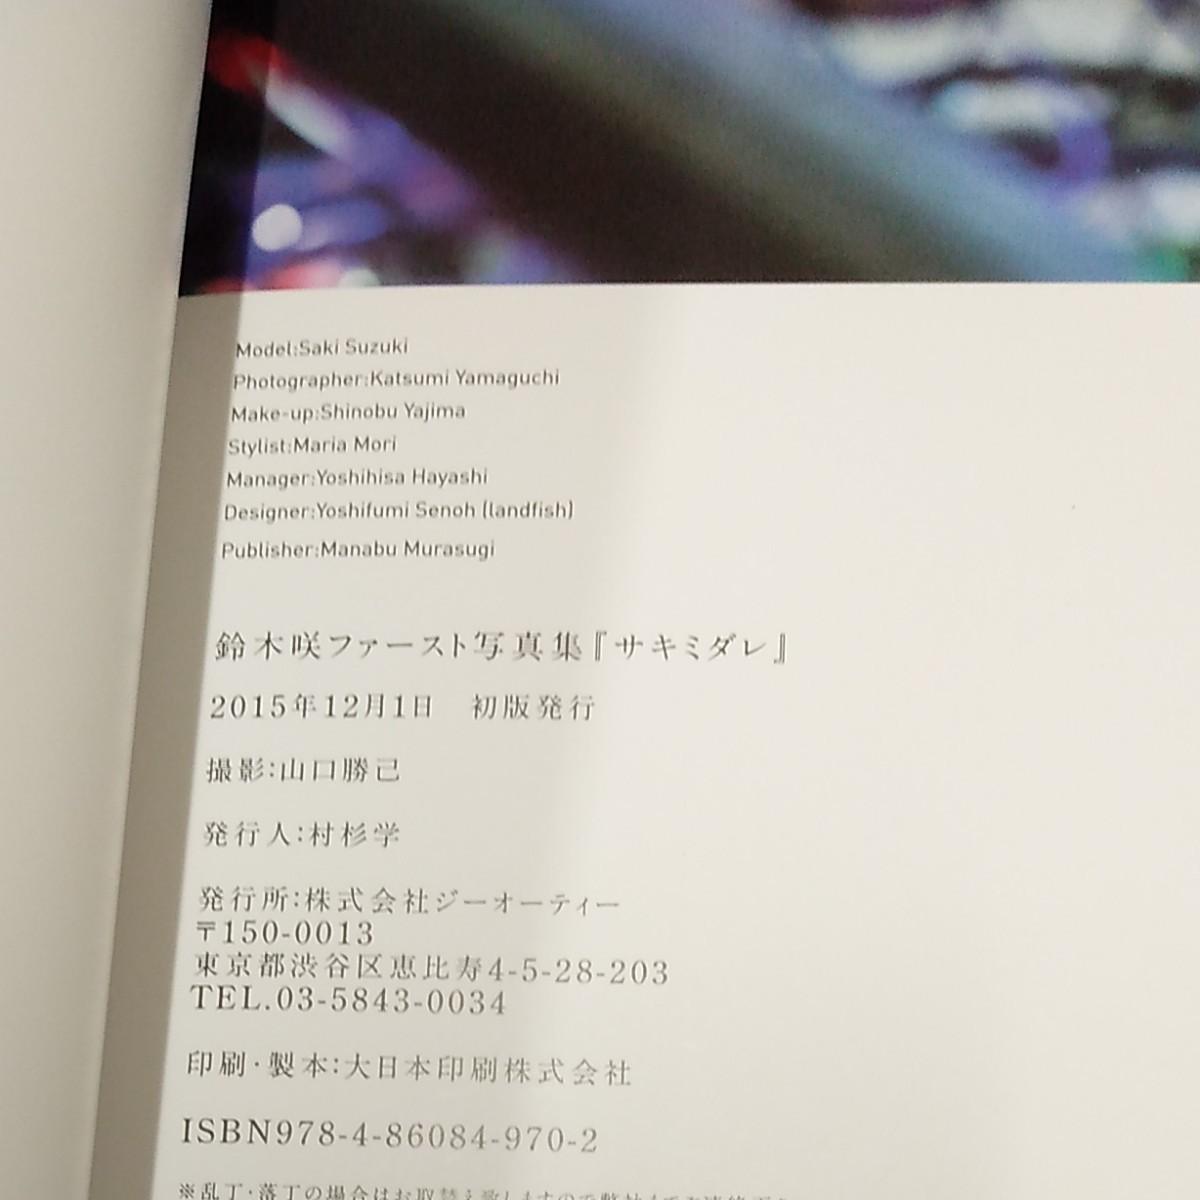 初版、帯付き 鈴木咲 ファースト写真集 サキミダレ